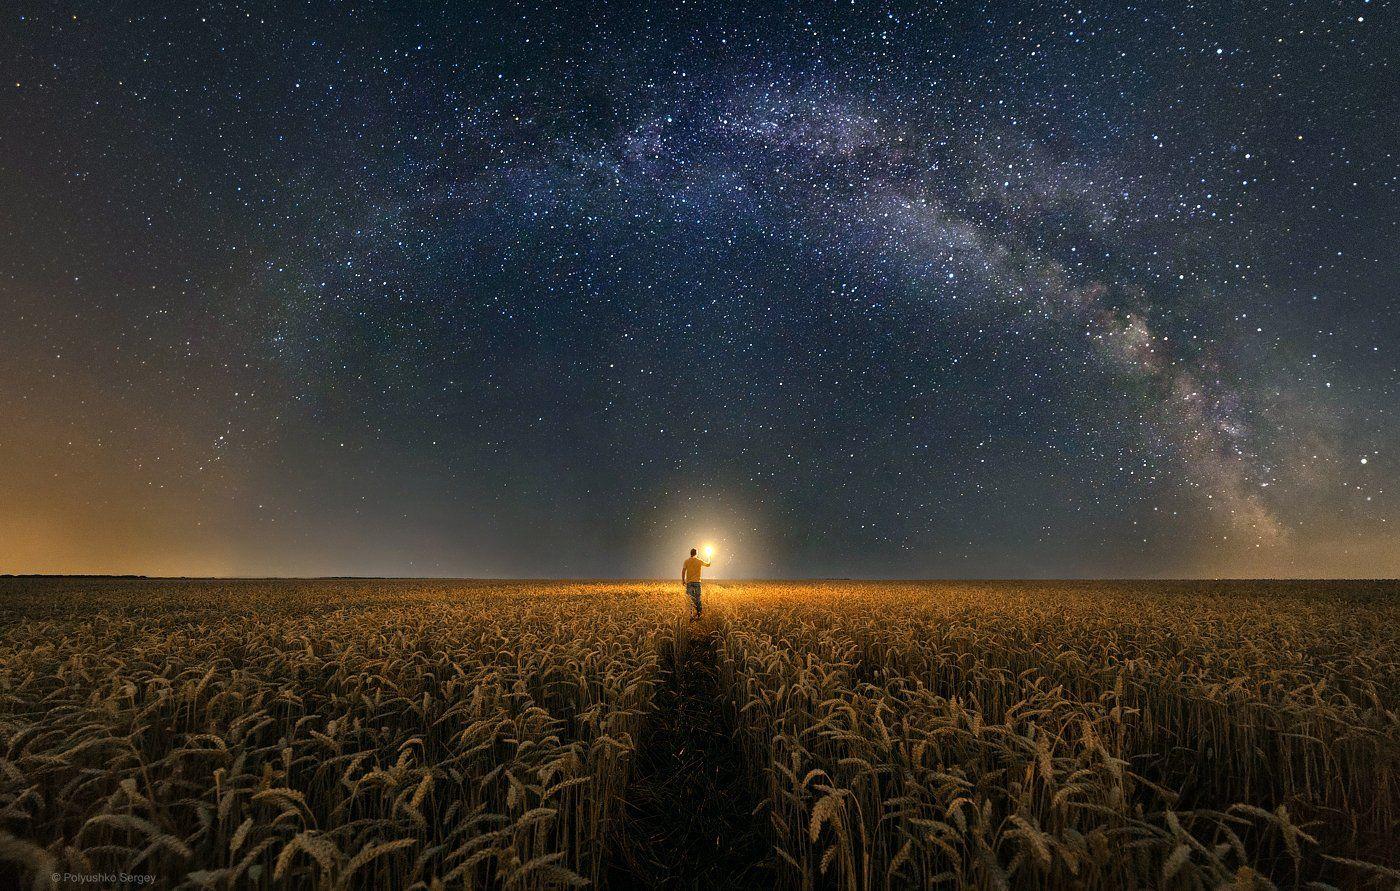 звезды, млечный путь, поле, Полюшко Сергей